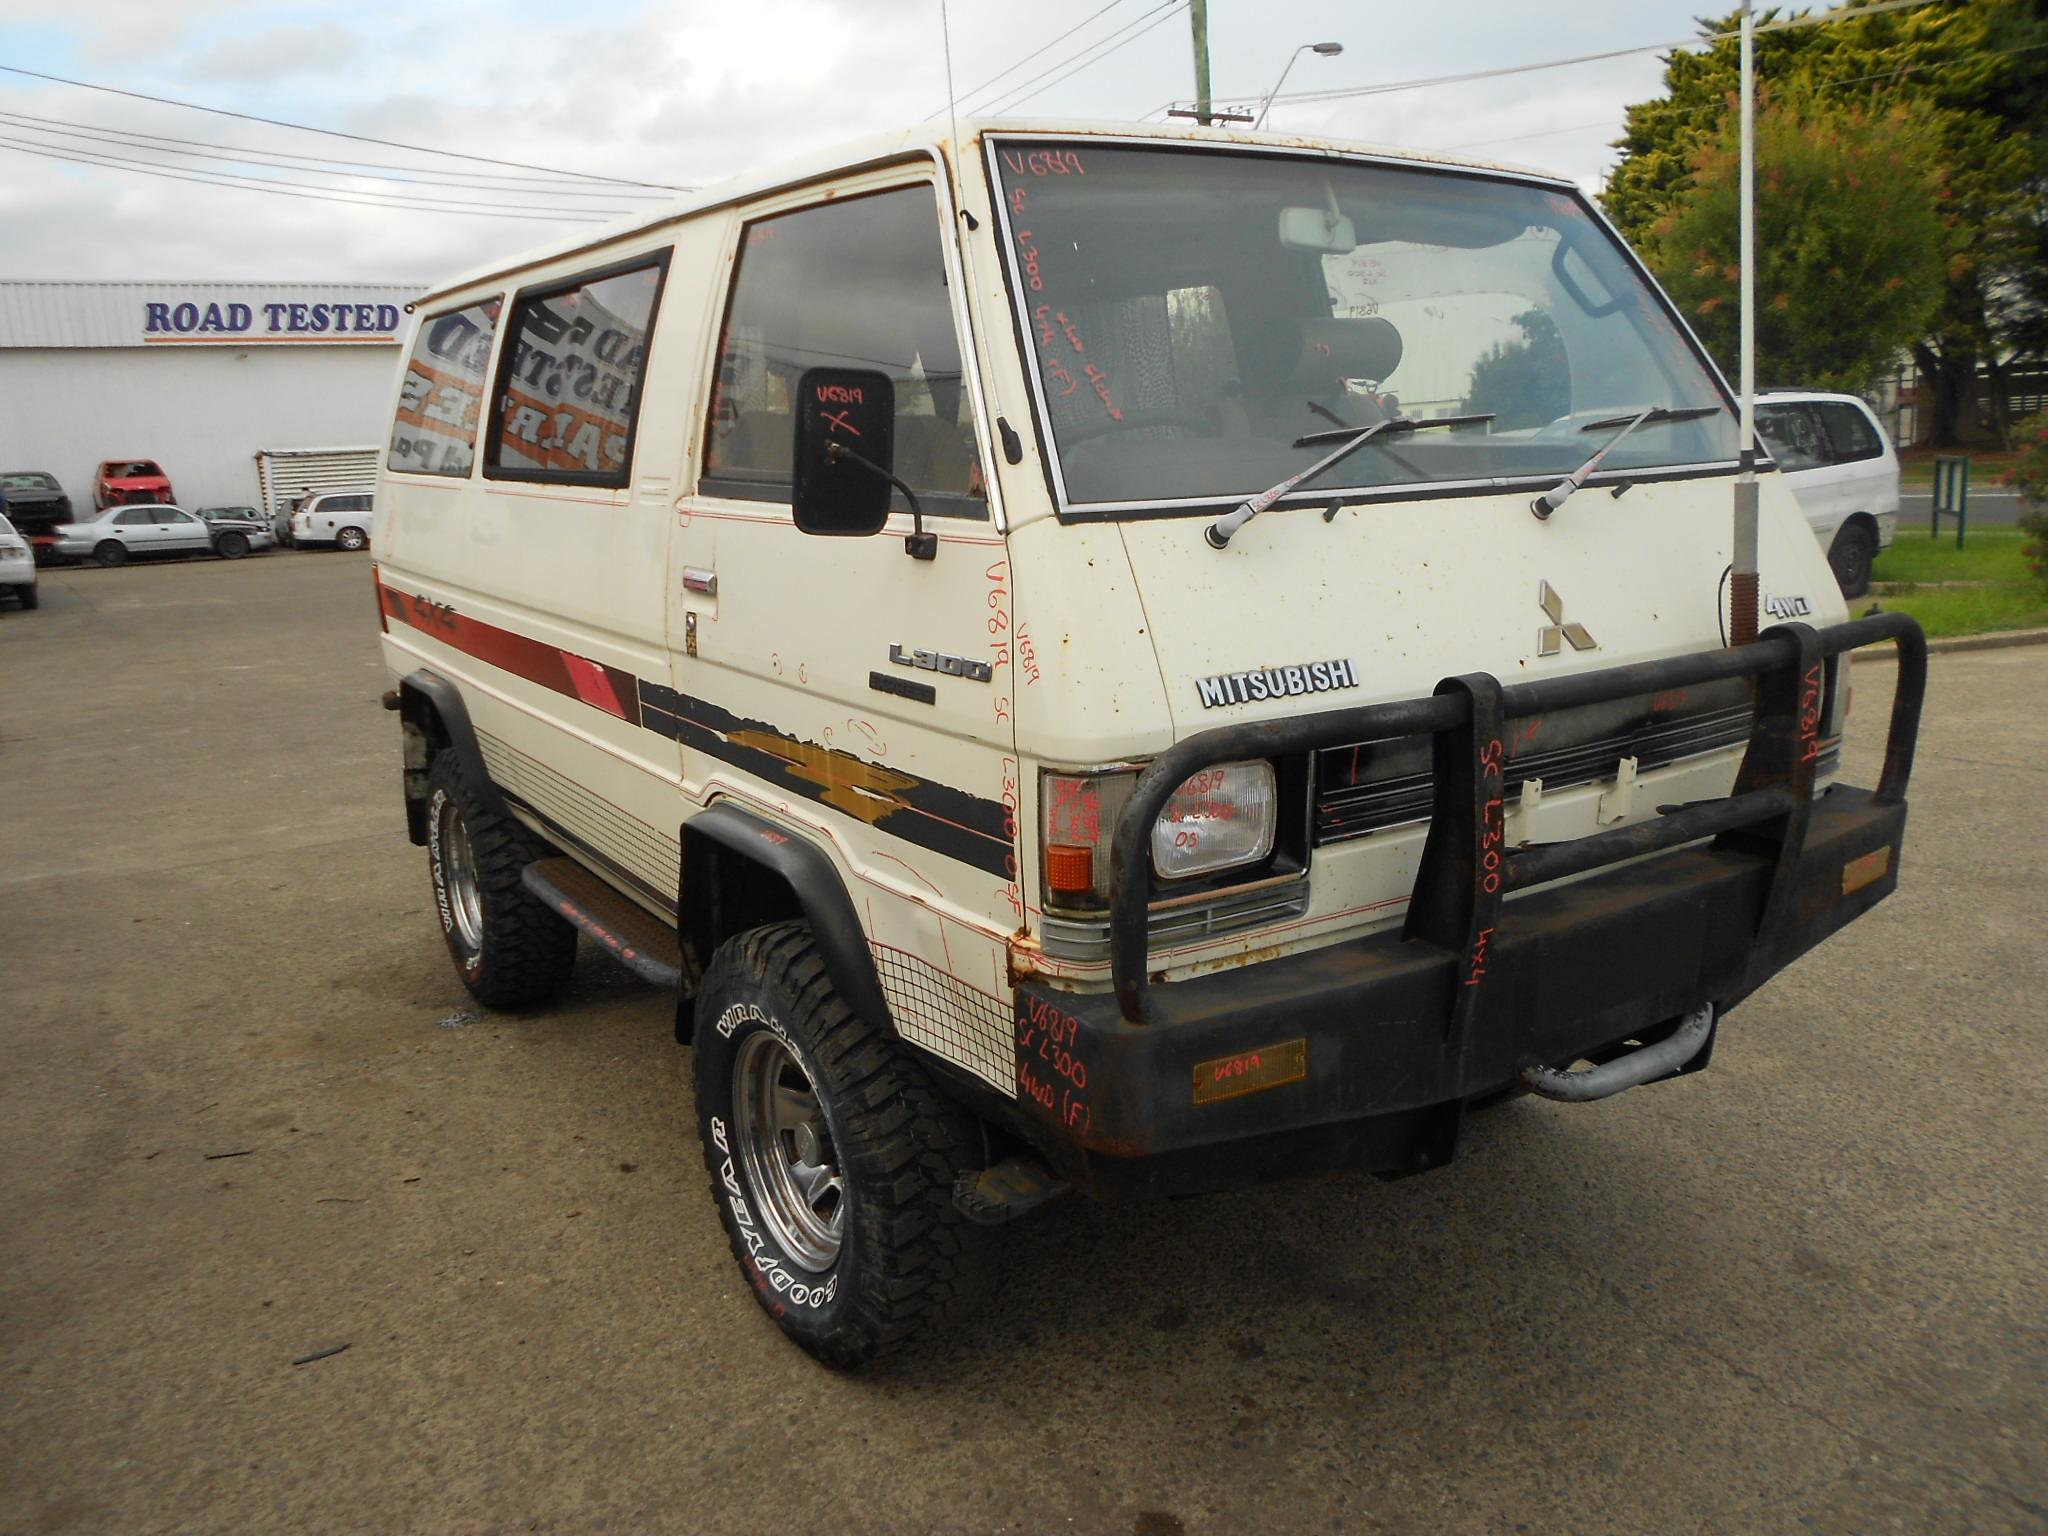 Mitsubishi 1983 SC L300 4x4 2.6 Litre Manual Van Rear Bull